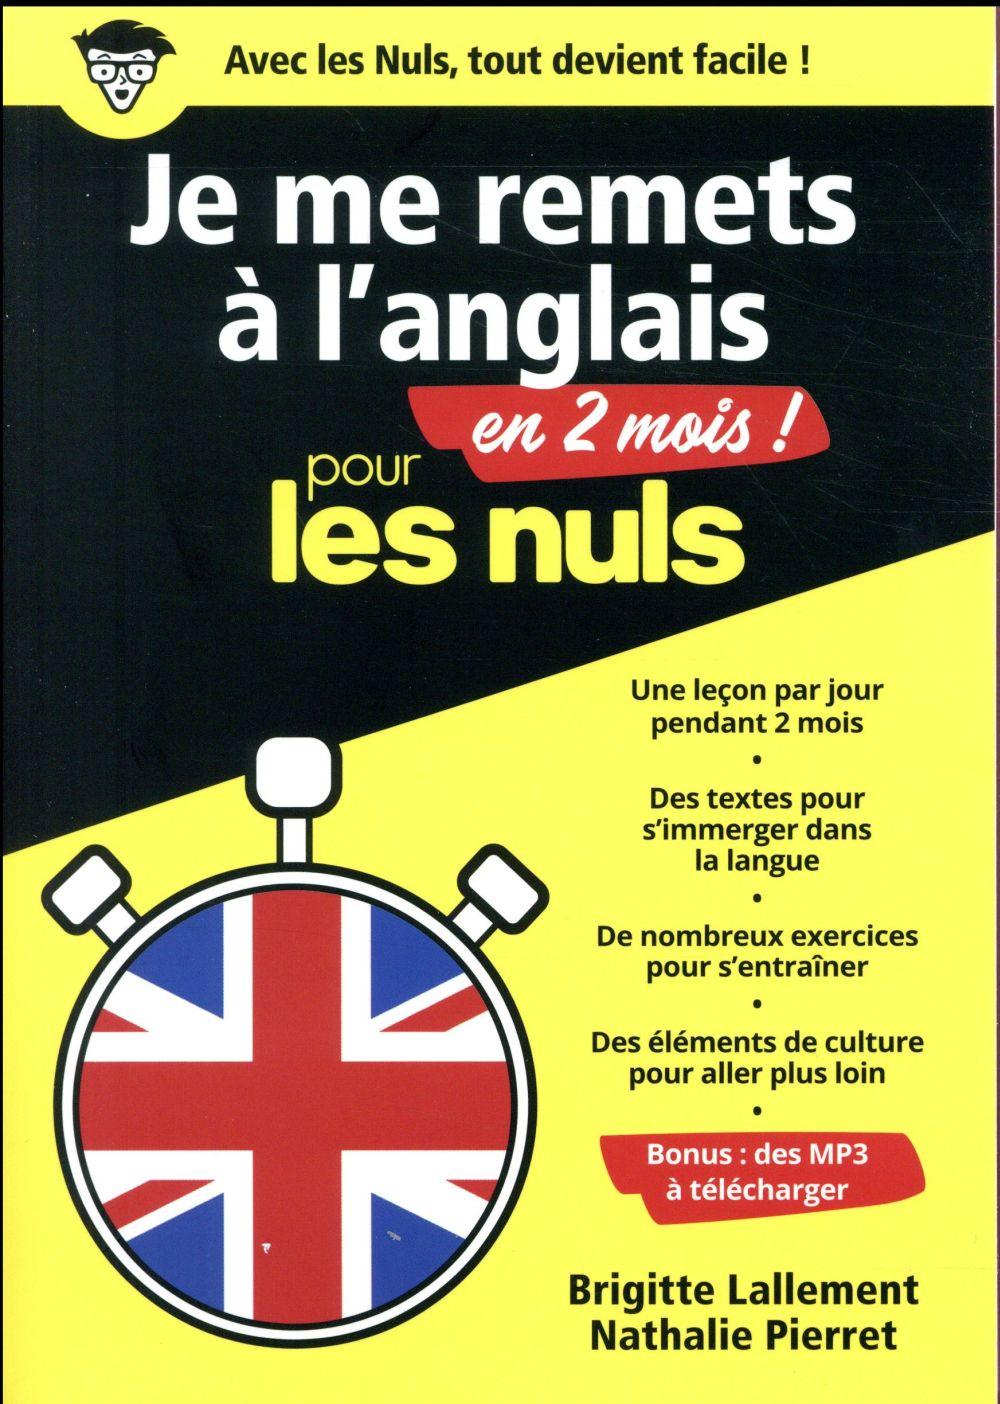 JE ME REMETS A L'ANGLAIS EN 2 MOIS POUR LES NULS